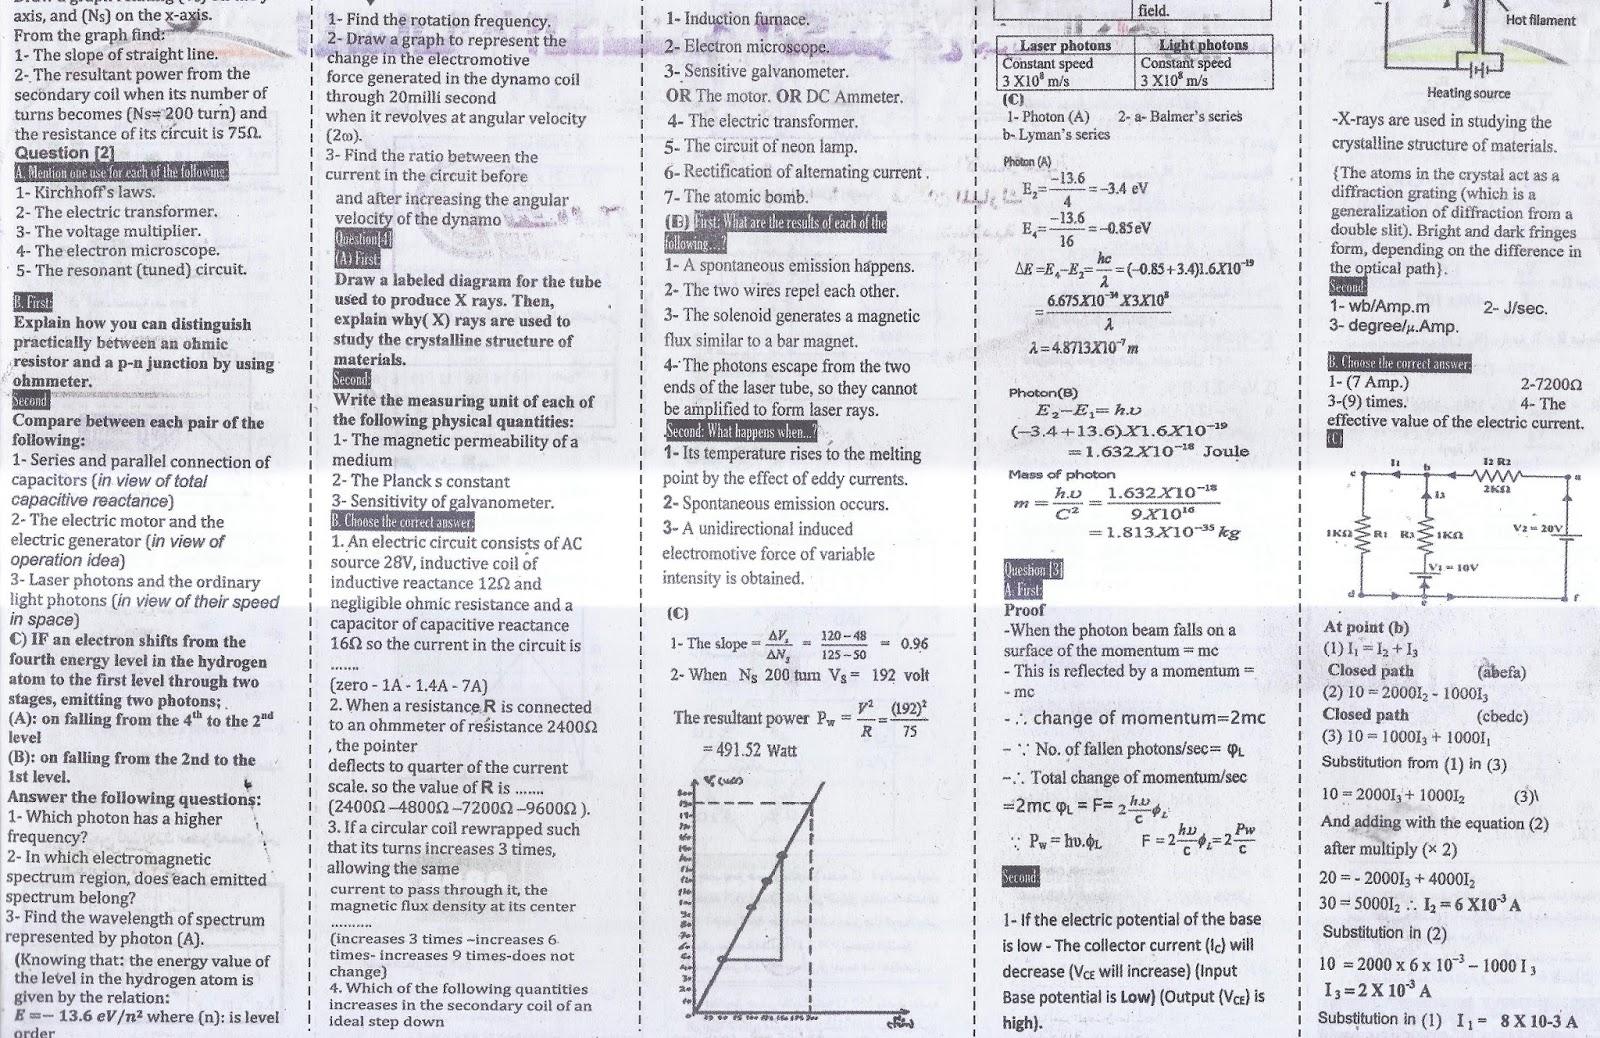 بنك توقعات الفيزياء للثانوية العامة.. ملحق الجمهورية الجزء الثاني 12